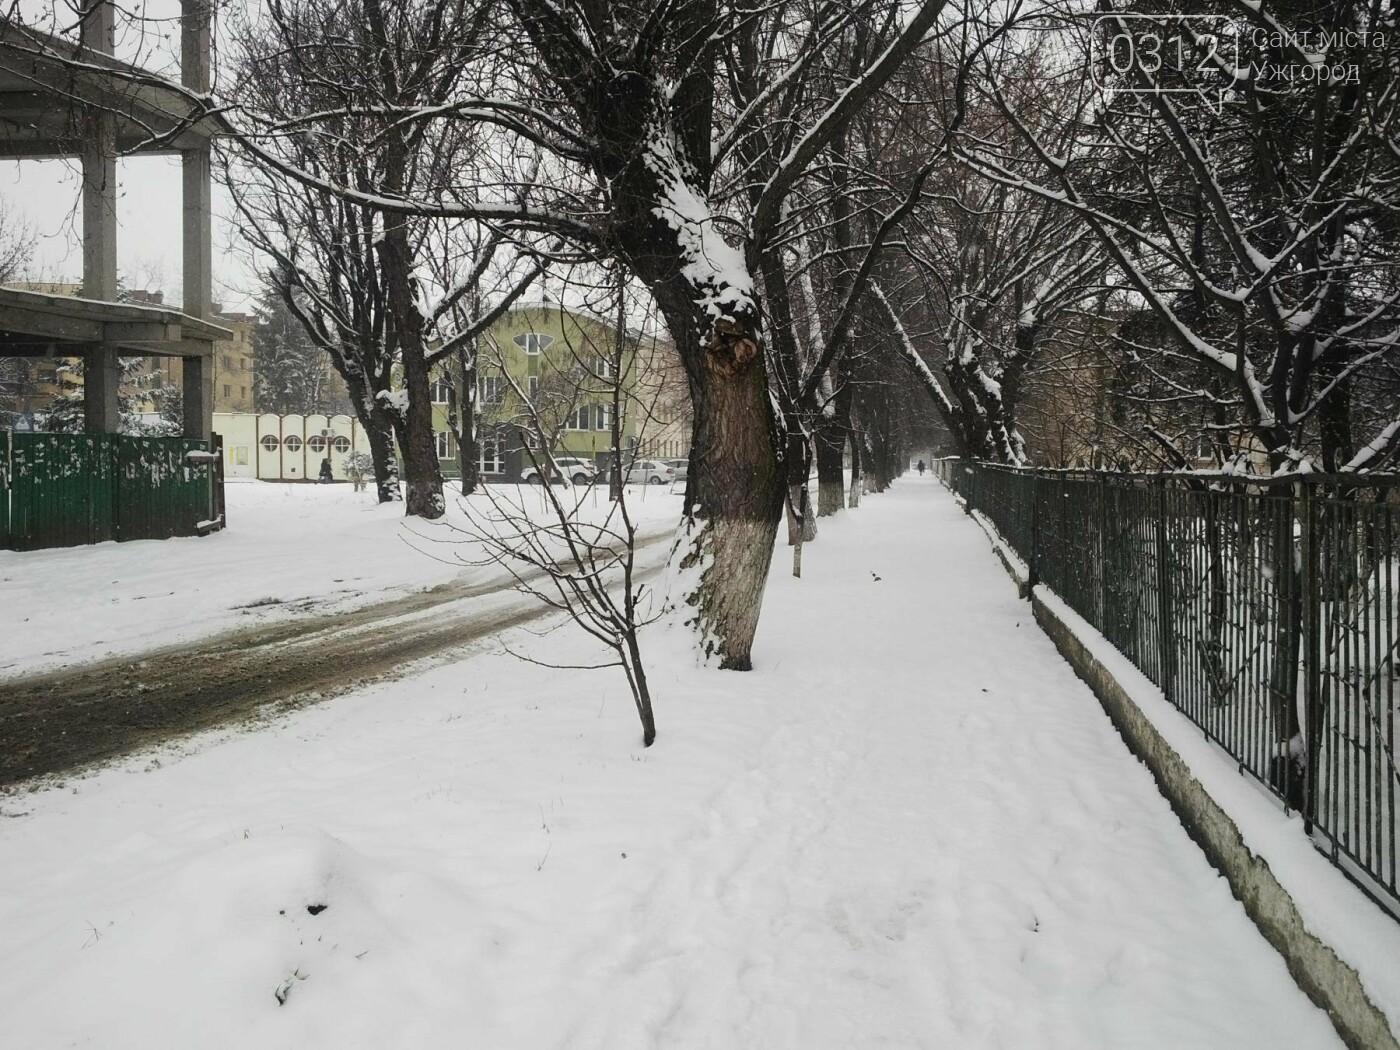 Ужгород - наодинці зі снігом: тротуари не розчищені та непідсипані, у двори не ступала нога комунальника (ФОТОРЕПОРТАЖ), фото-4